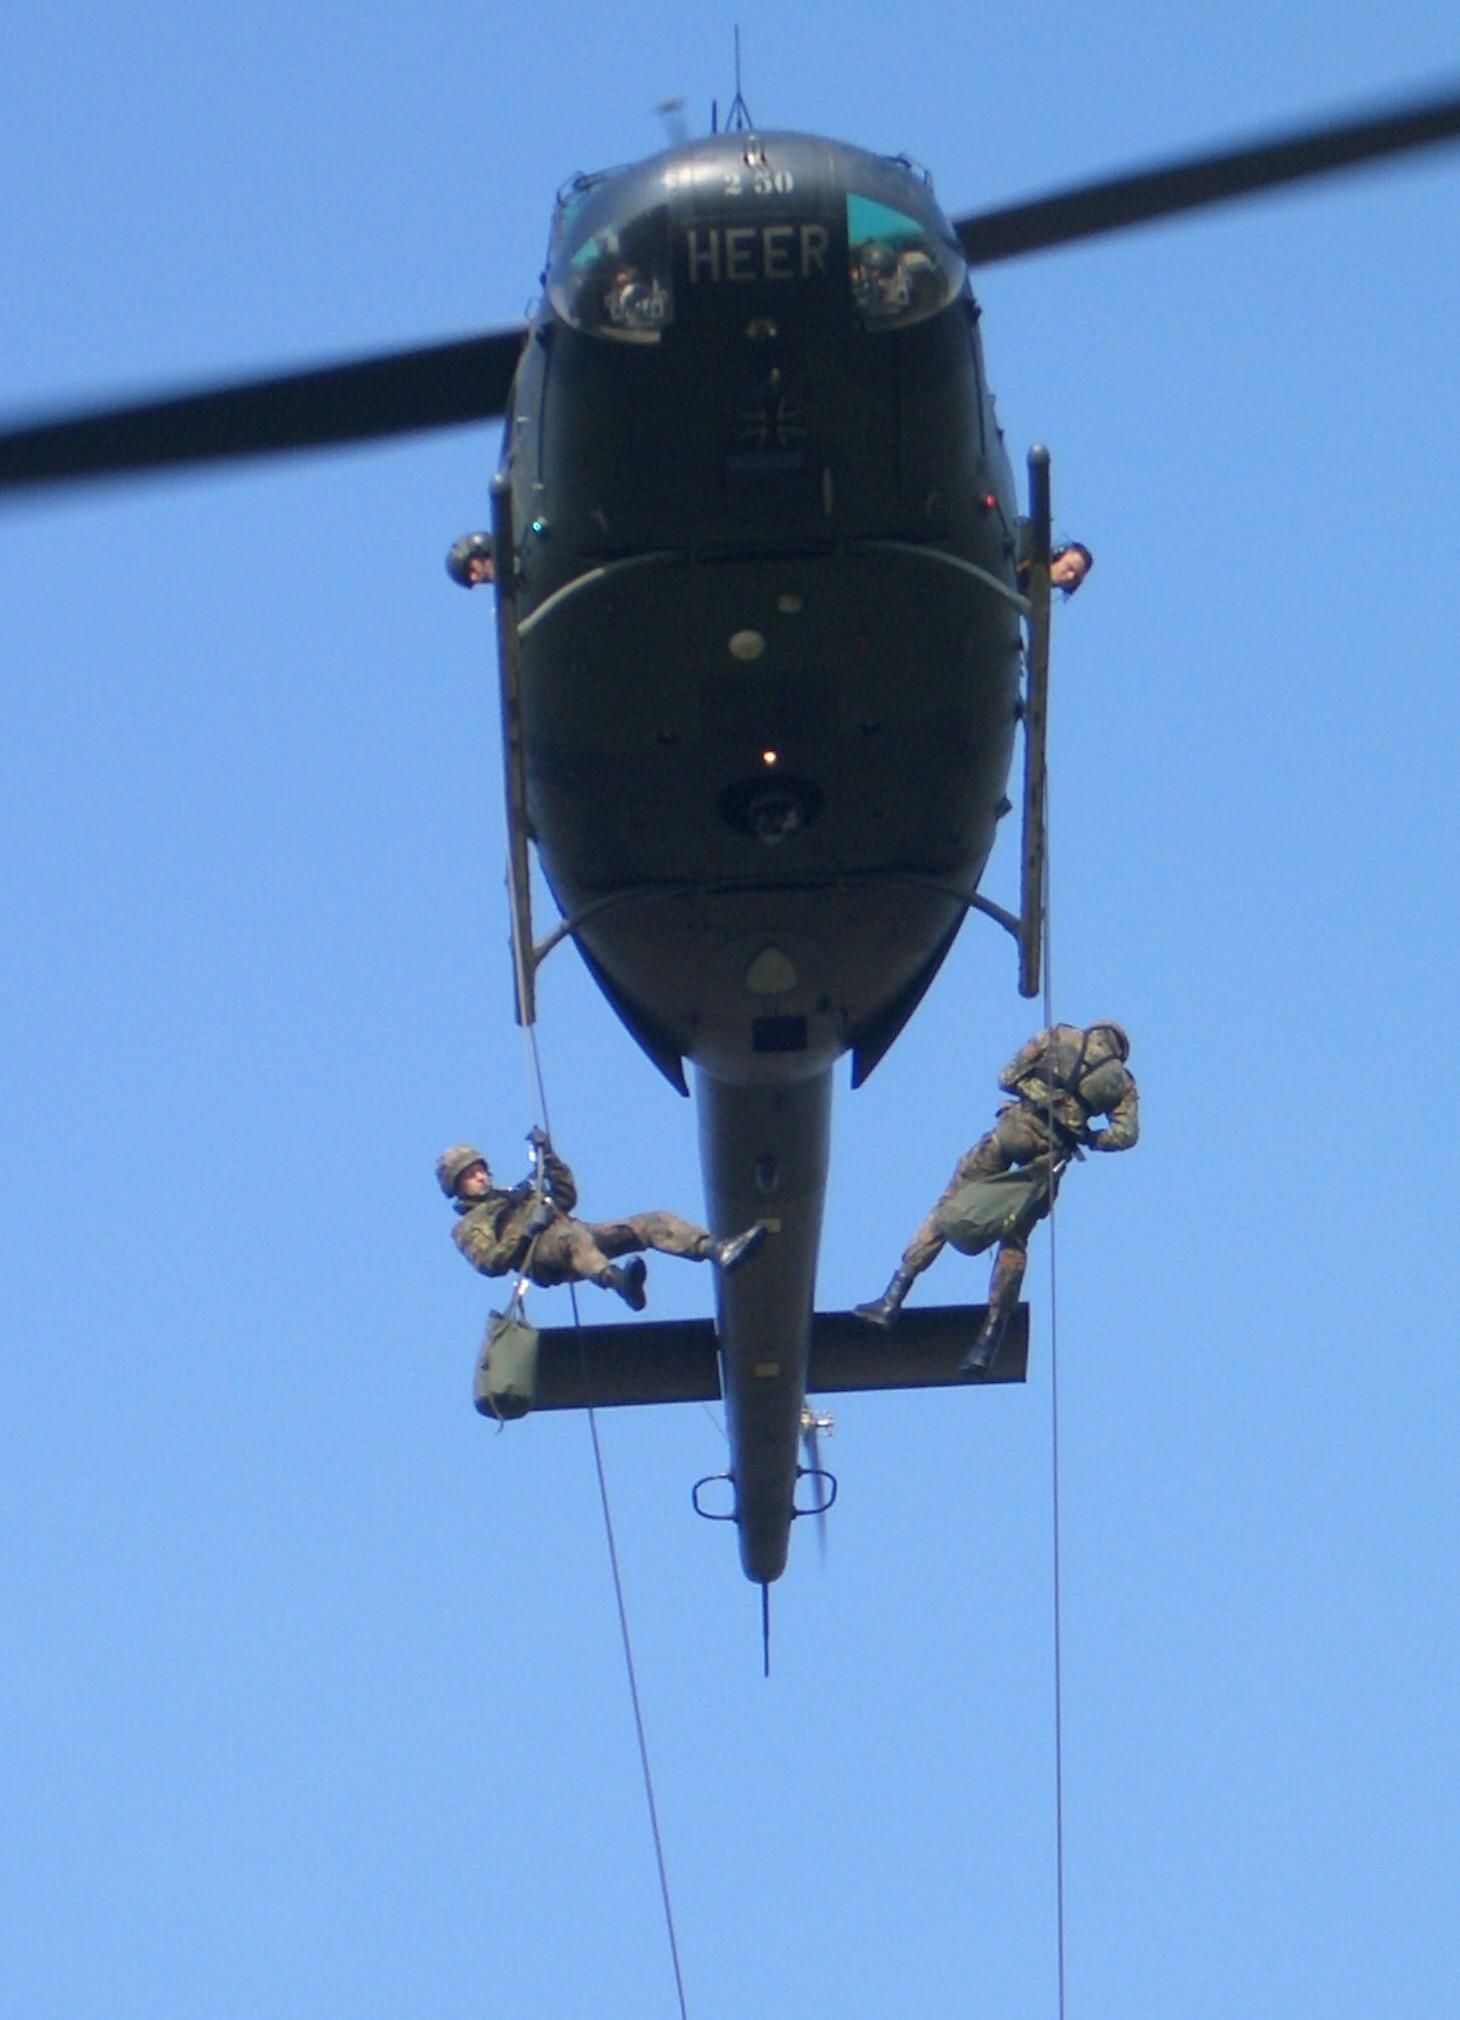 Ασκήσεις ταχείας καθόδου από ελικόπτερο